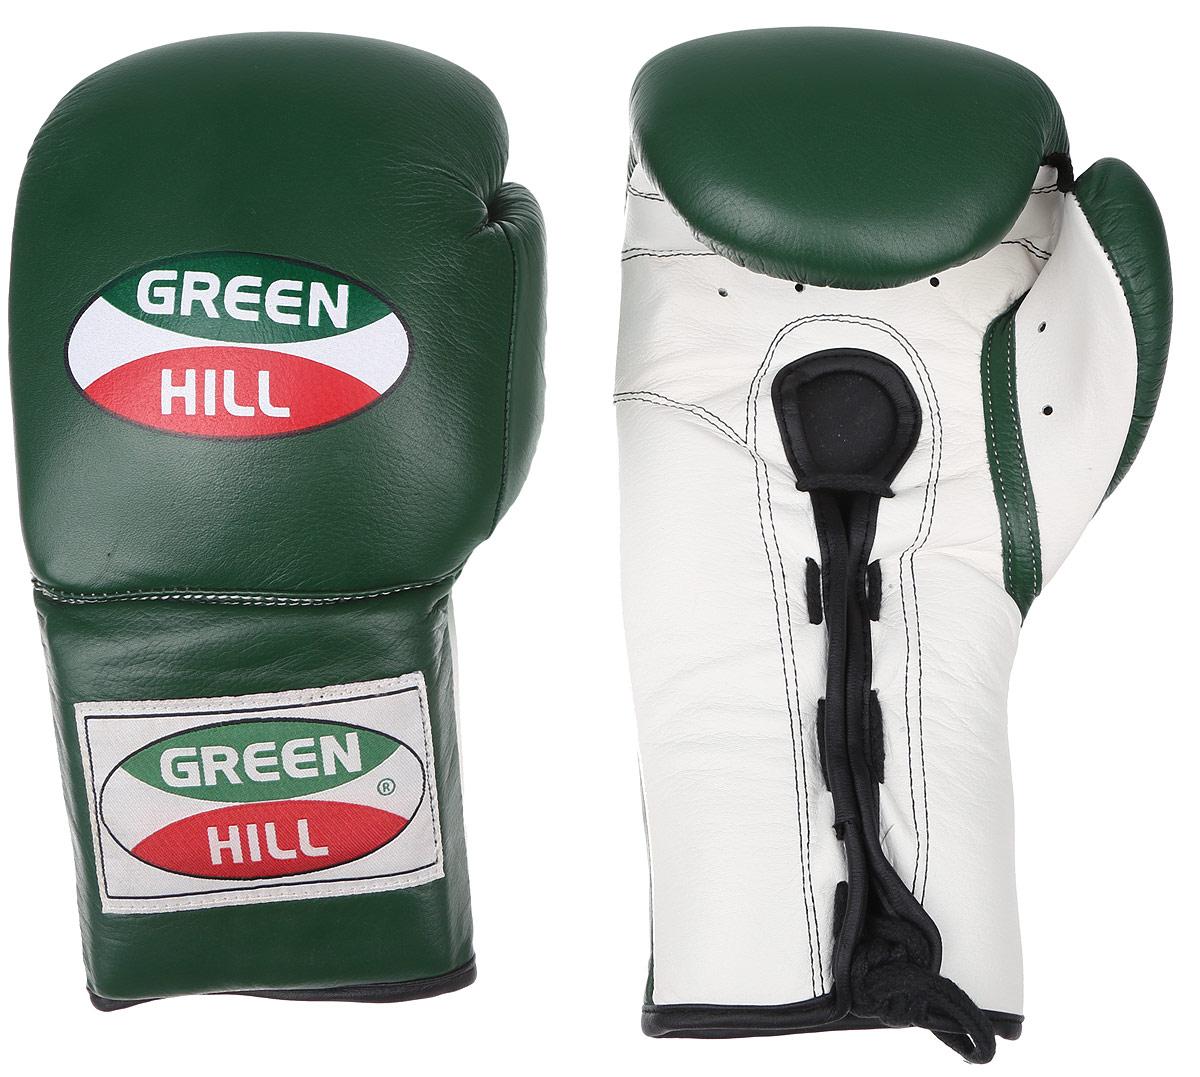 Перчатки боксерские Green Hill Proffi, цвет: зеленый, белый. Вес 14 унций. BGP-2014BGT-2010сБоксерские перчатки Green Hill Proffi предназначены для использования профессионалами. Верх выполнен из натуральной кожи, наполнитель - из вспененного полимера. Отверстие в области ладони позволяет создать максимально комфортный терморежим во время занятий. Манжет на шнуровке способствует быстрому и удобному надеванию перчаток, плотно фиксирует перчатки на руке.